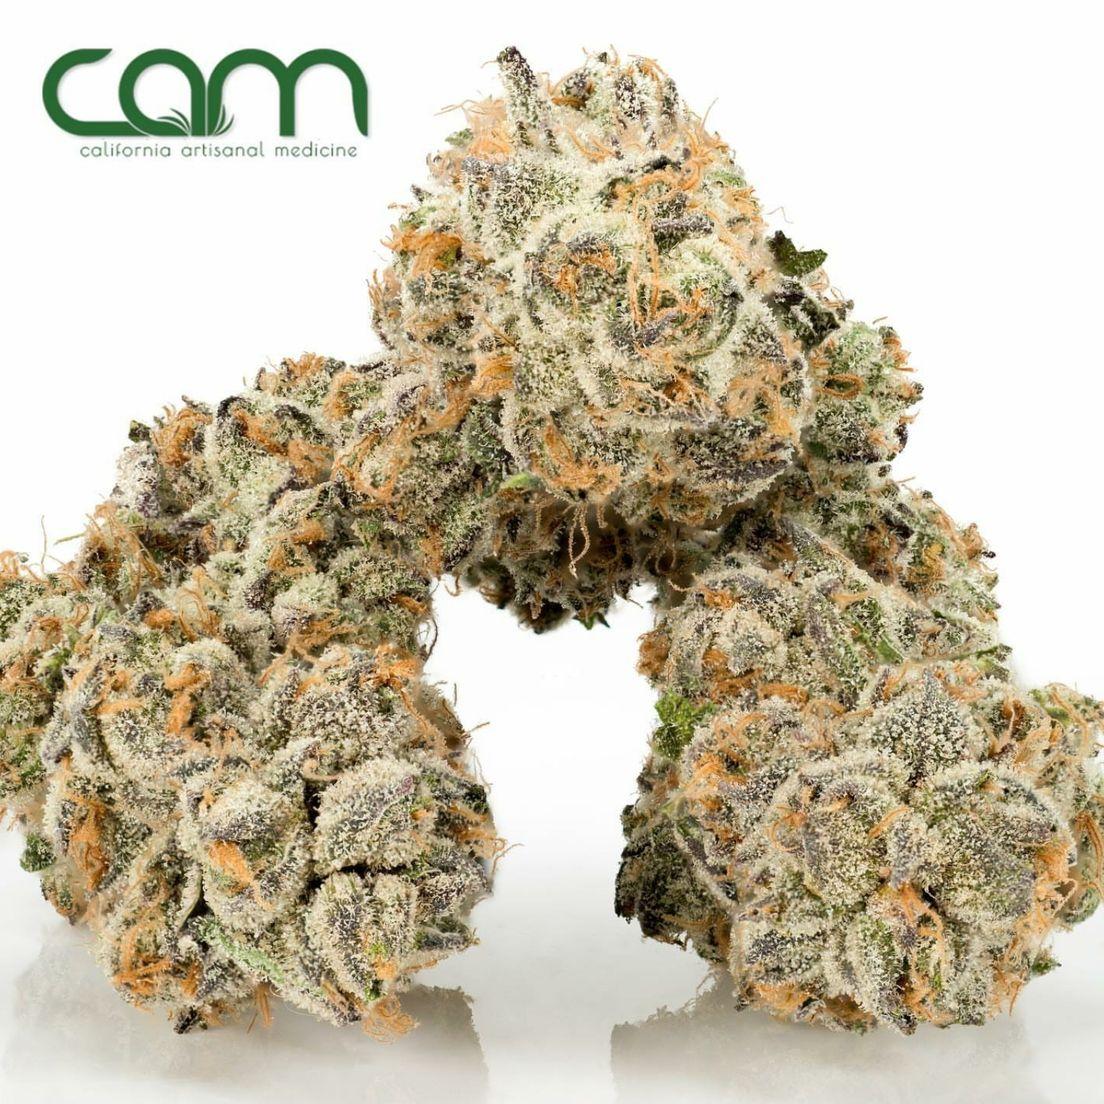 B. Cam 3.5g Flower - Quality 10/10 - La Paleta (~22% THC)